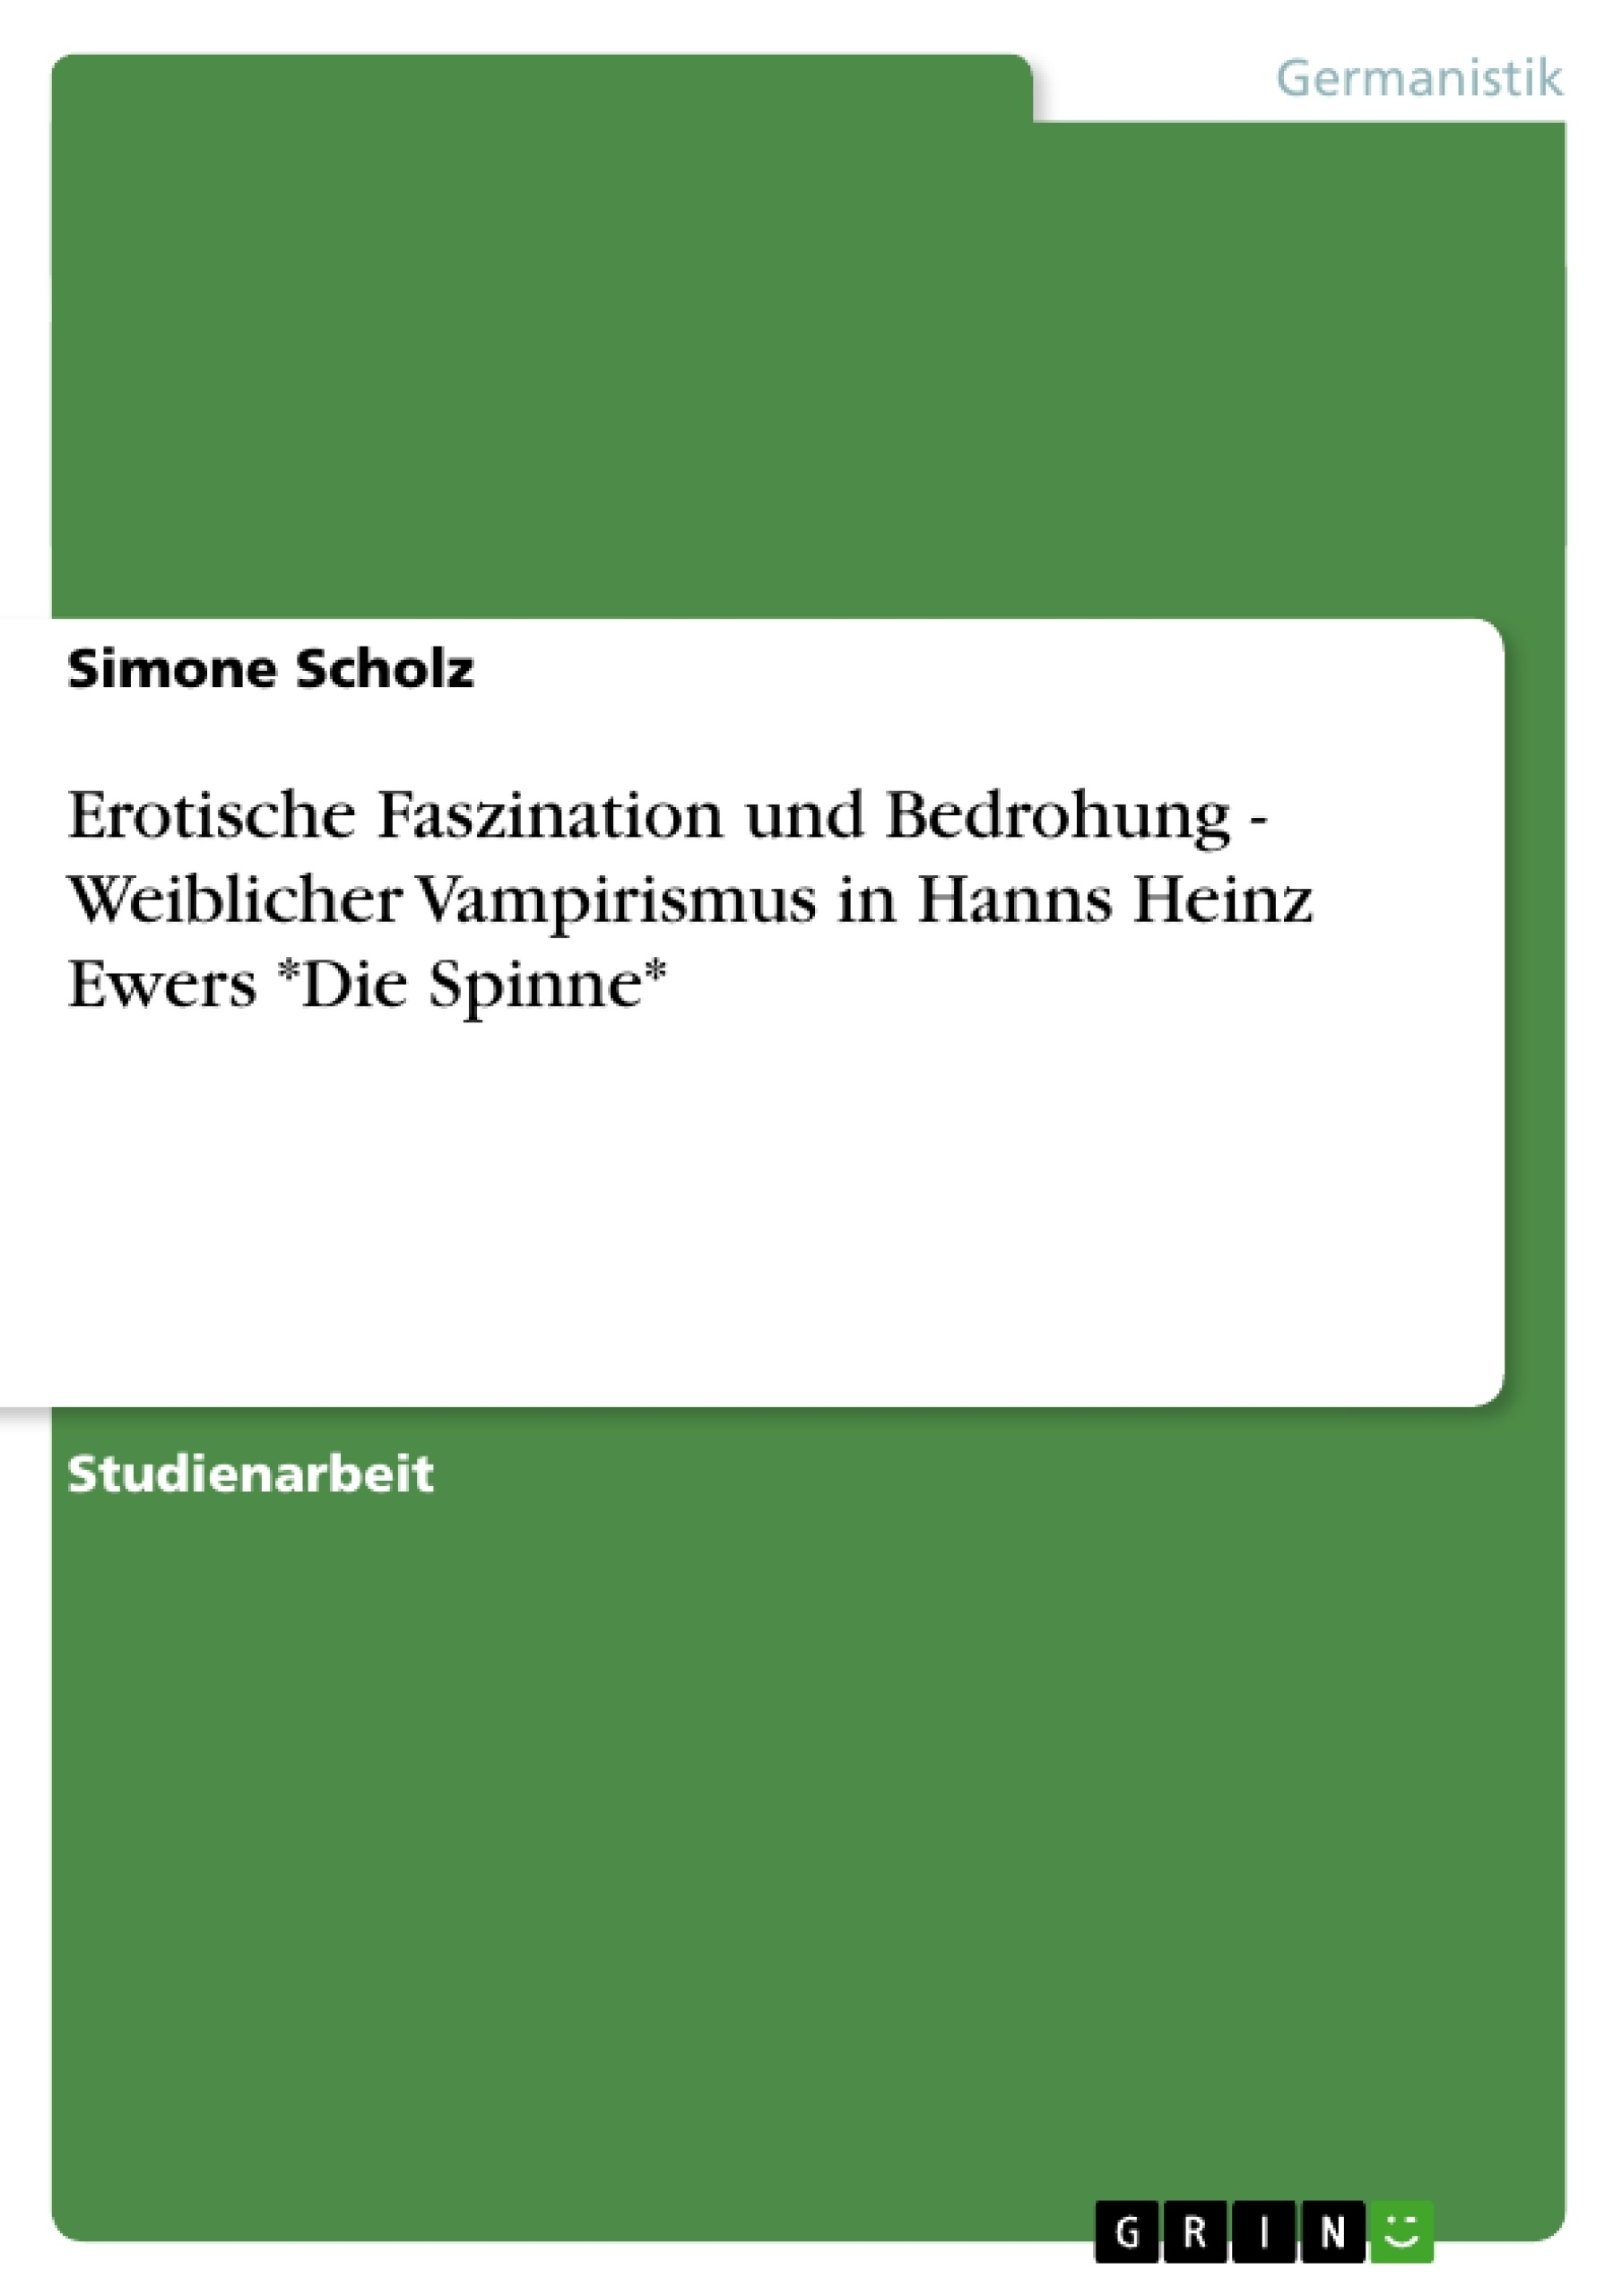 Titel: Erotische Faszination und Bedrohung - Weiblicher Vampirismus in Hanns Heinz Ewers *Die Spinne*